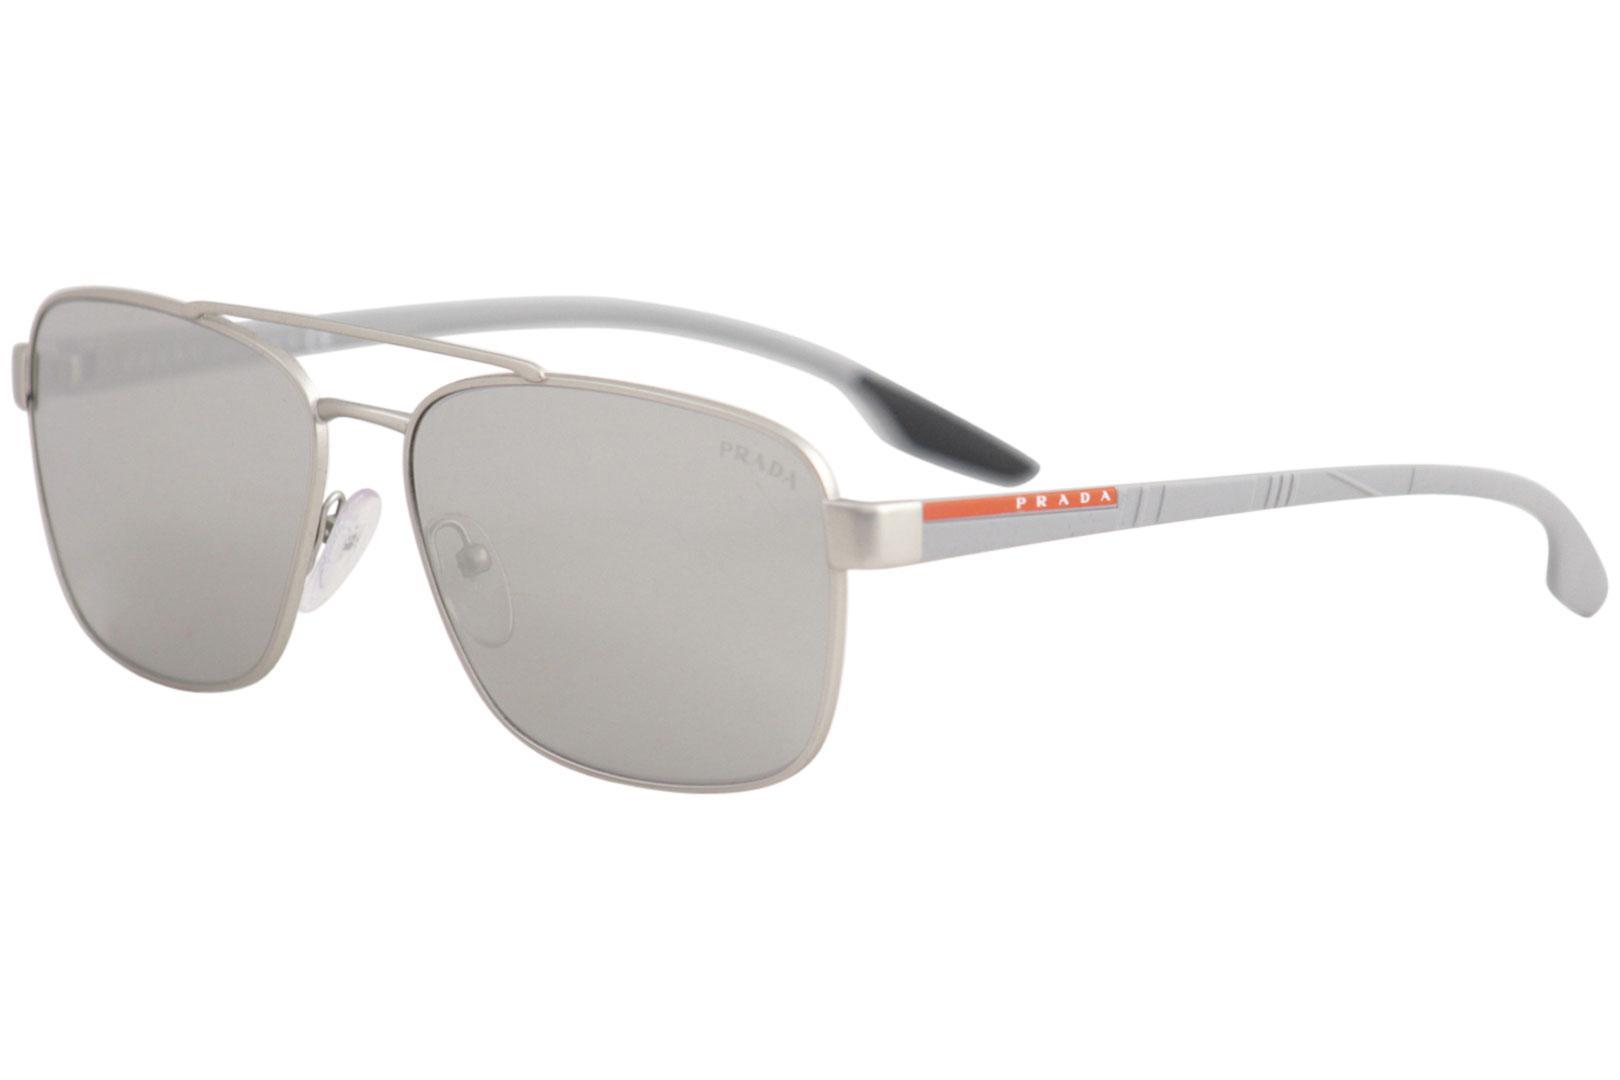 389a2e085794 Prada Men's Linea Rossa SPS51U SPS/51/U Fashion Pilot Sunglasses